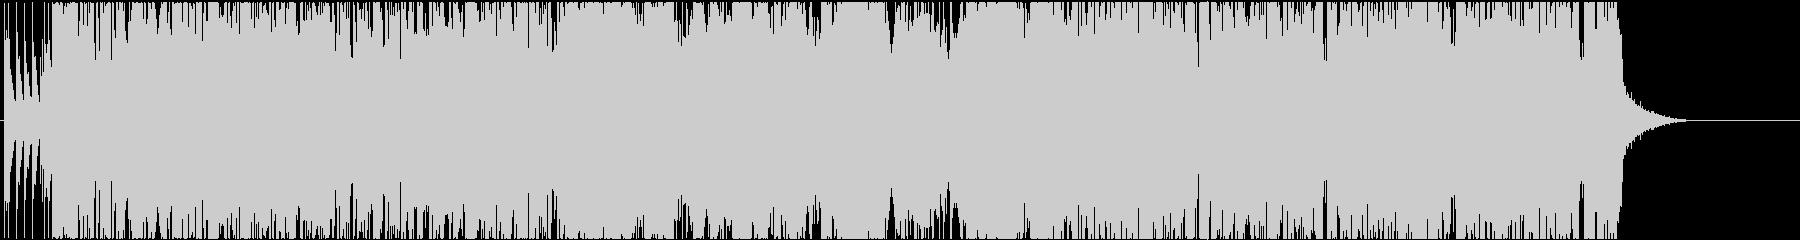 生演奏/ギターハードロック/オープニングの未再生の波形